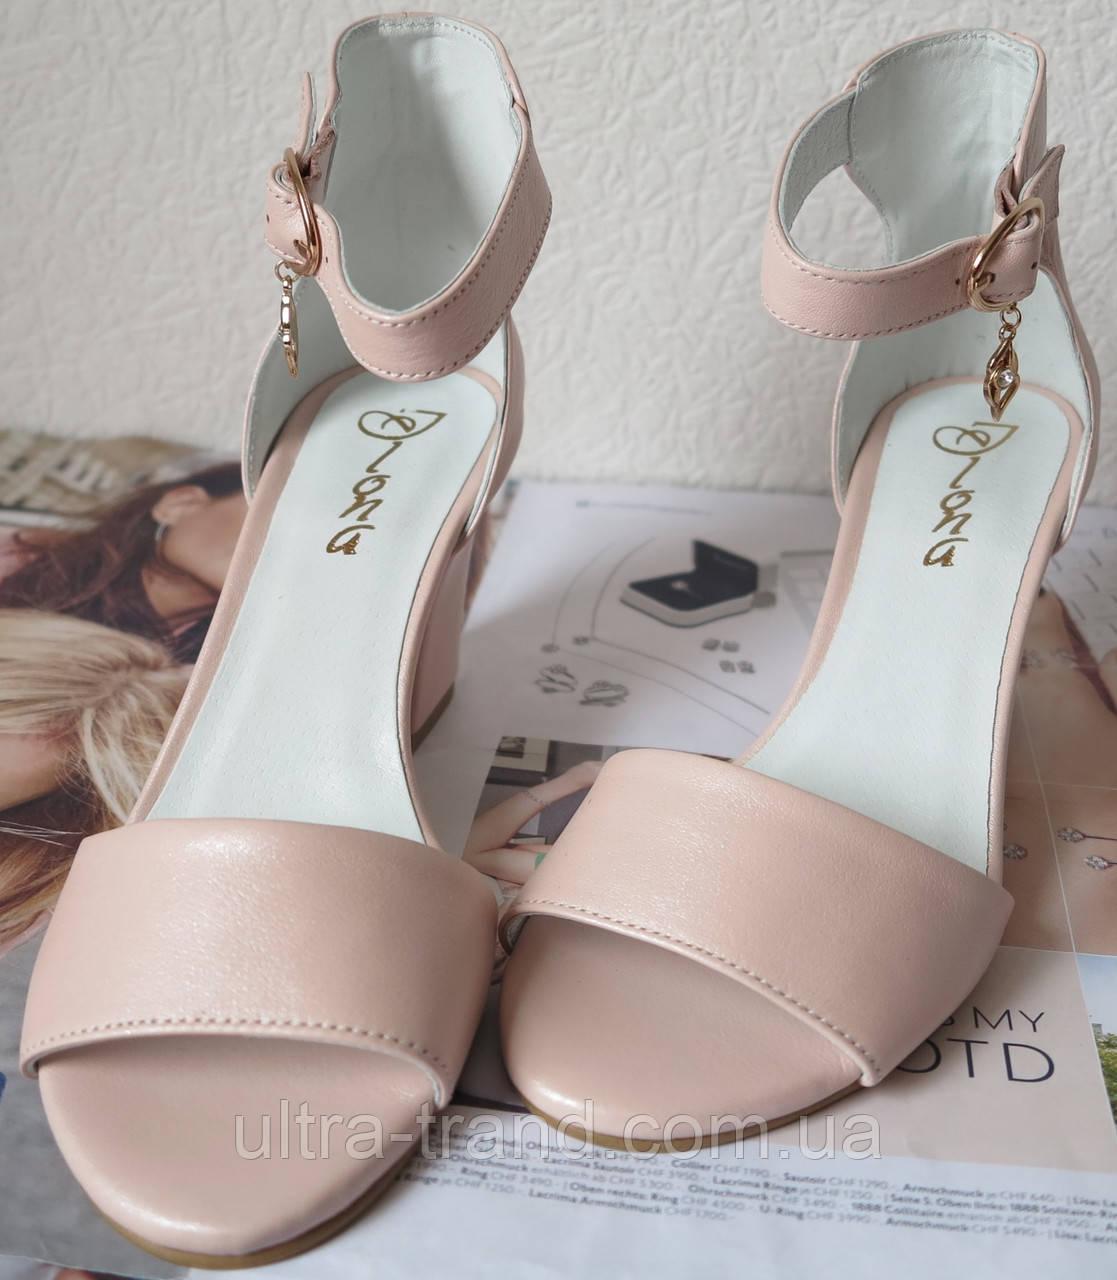 6bbeb3a40 Летние туфли босоножки на удобном каблуке 7 см кожа пудра перламутр